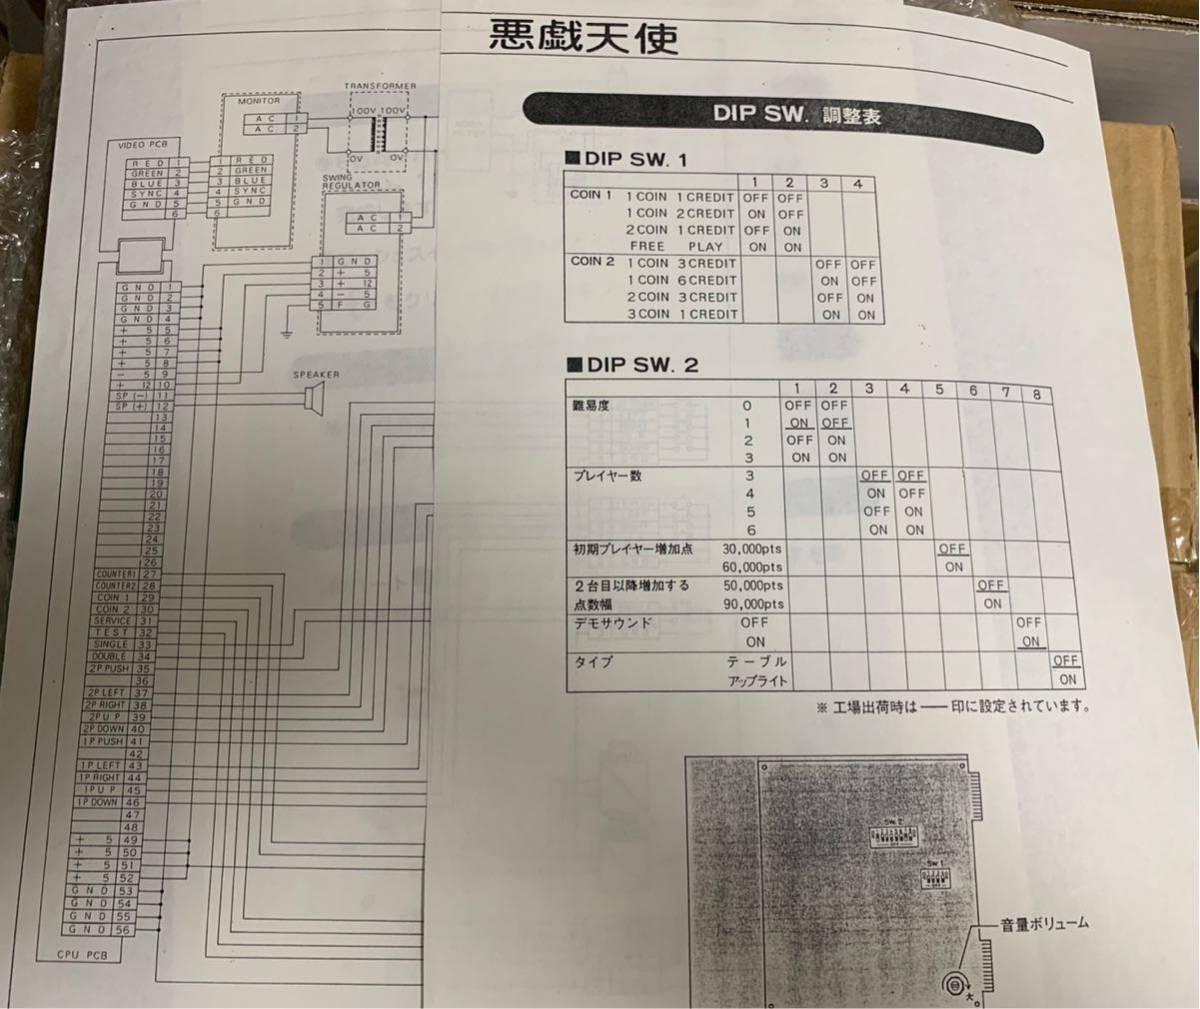 悪戯天使 いたずらてんし ITAZURA TENSHI ニチブツ 日本物産  アーケード ゲーム 基板 1円スタート 売切り インスト ハーネス _画像8